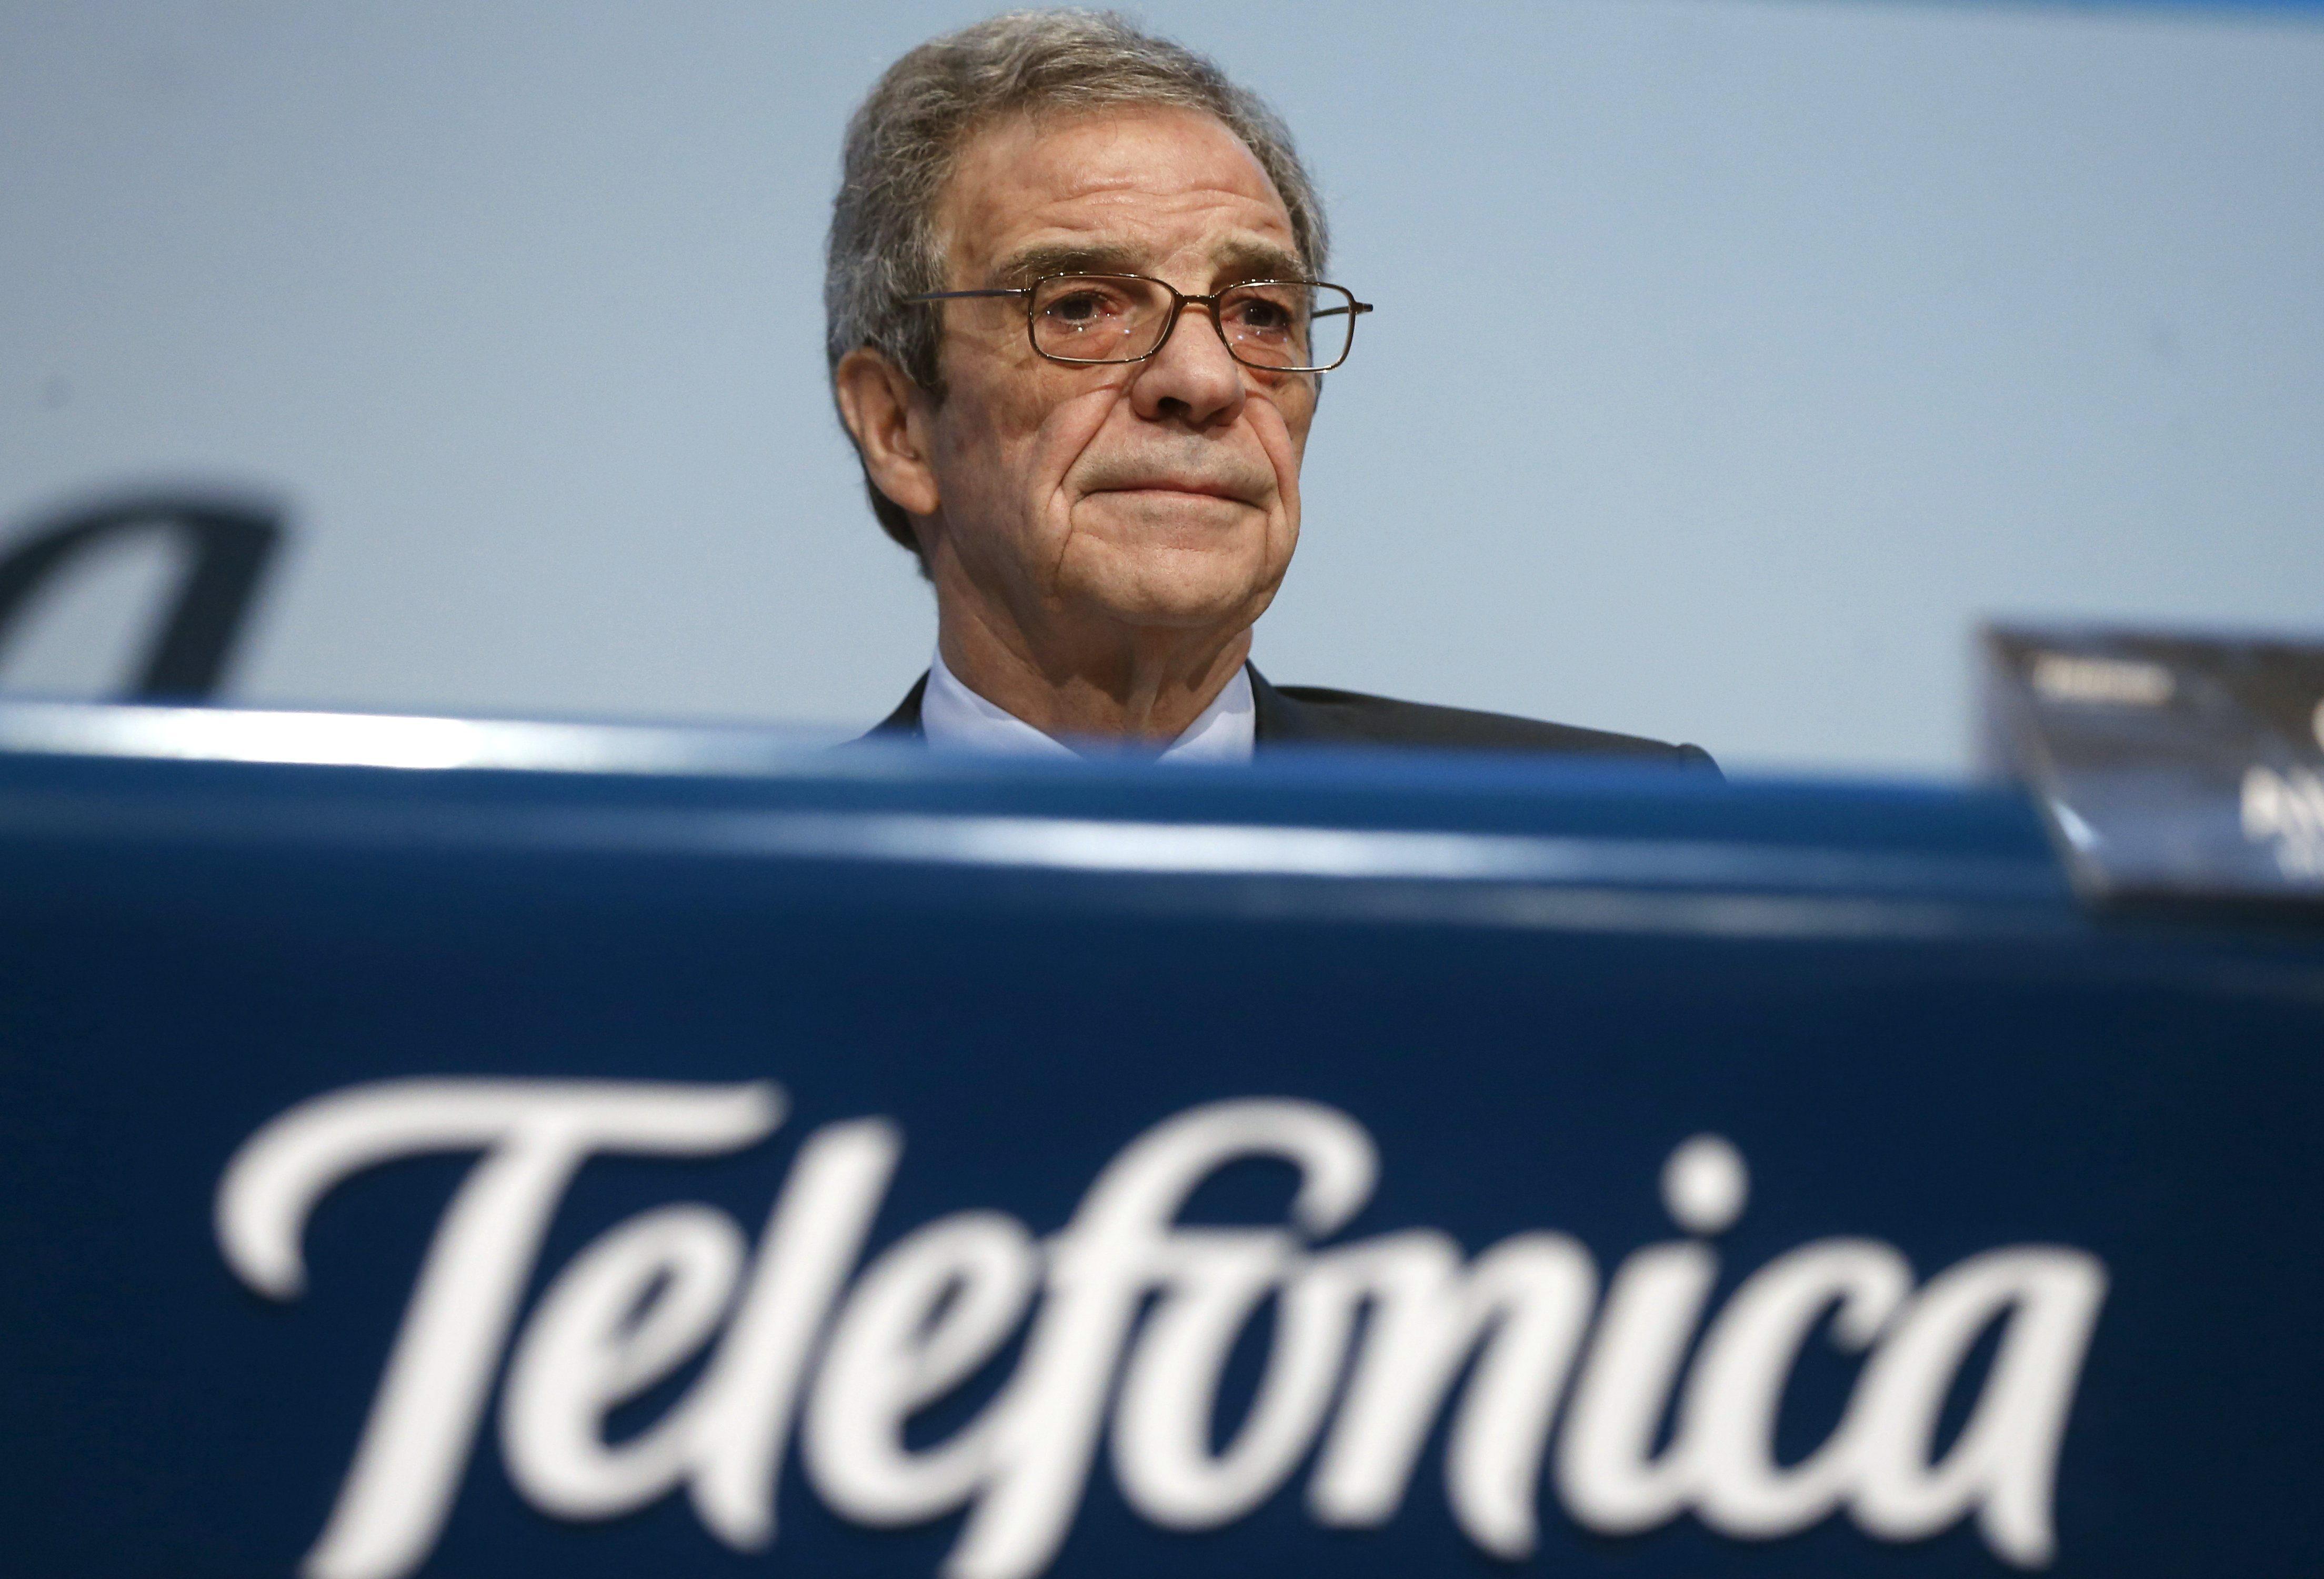 Telefónica refuerza su posición en Telco, máximo accionista de Telecom Italia